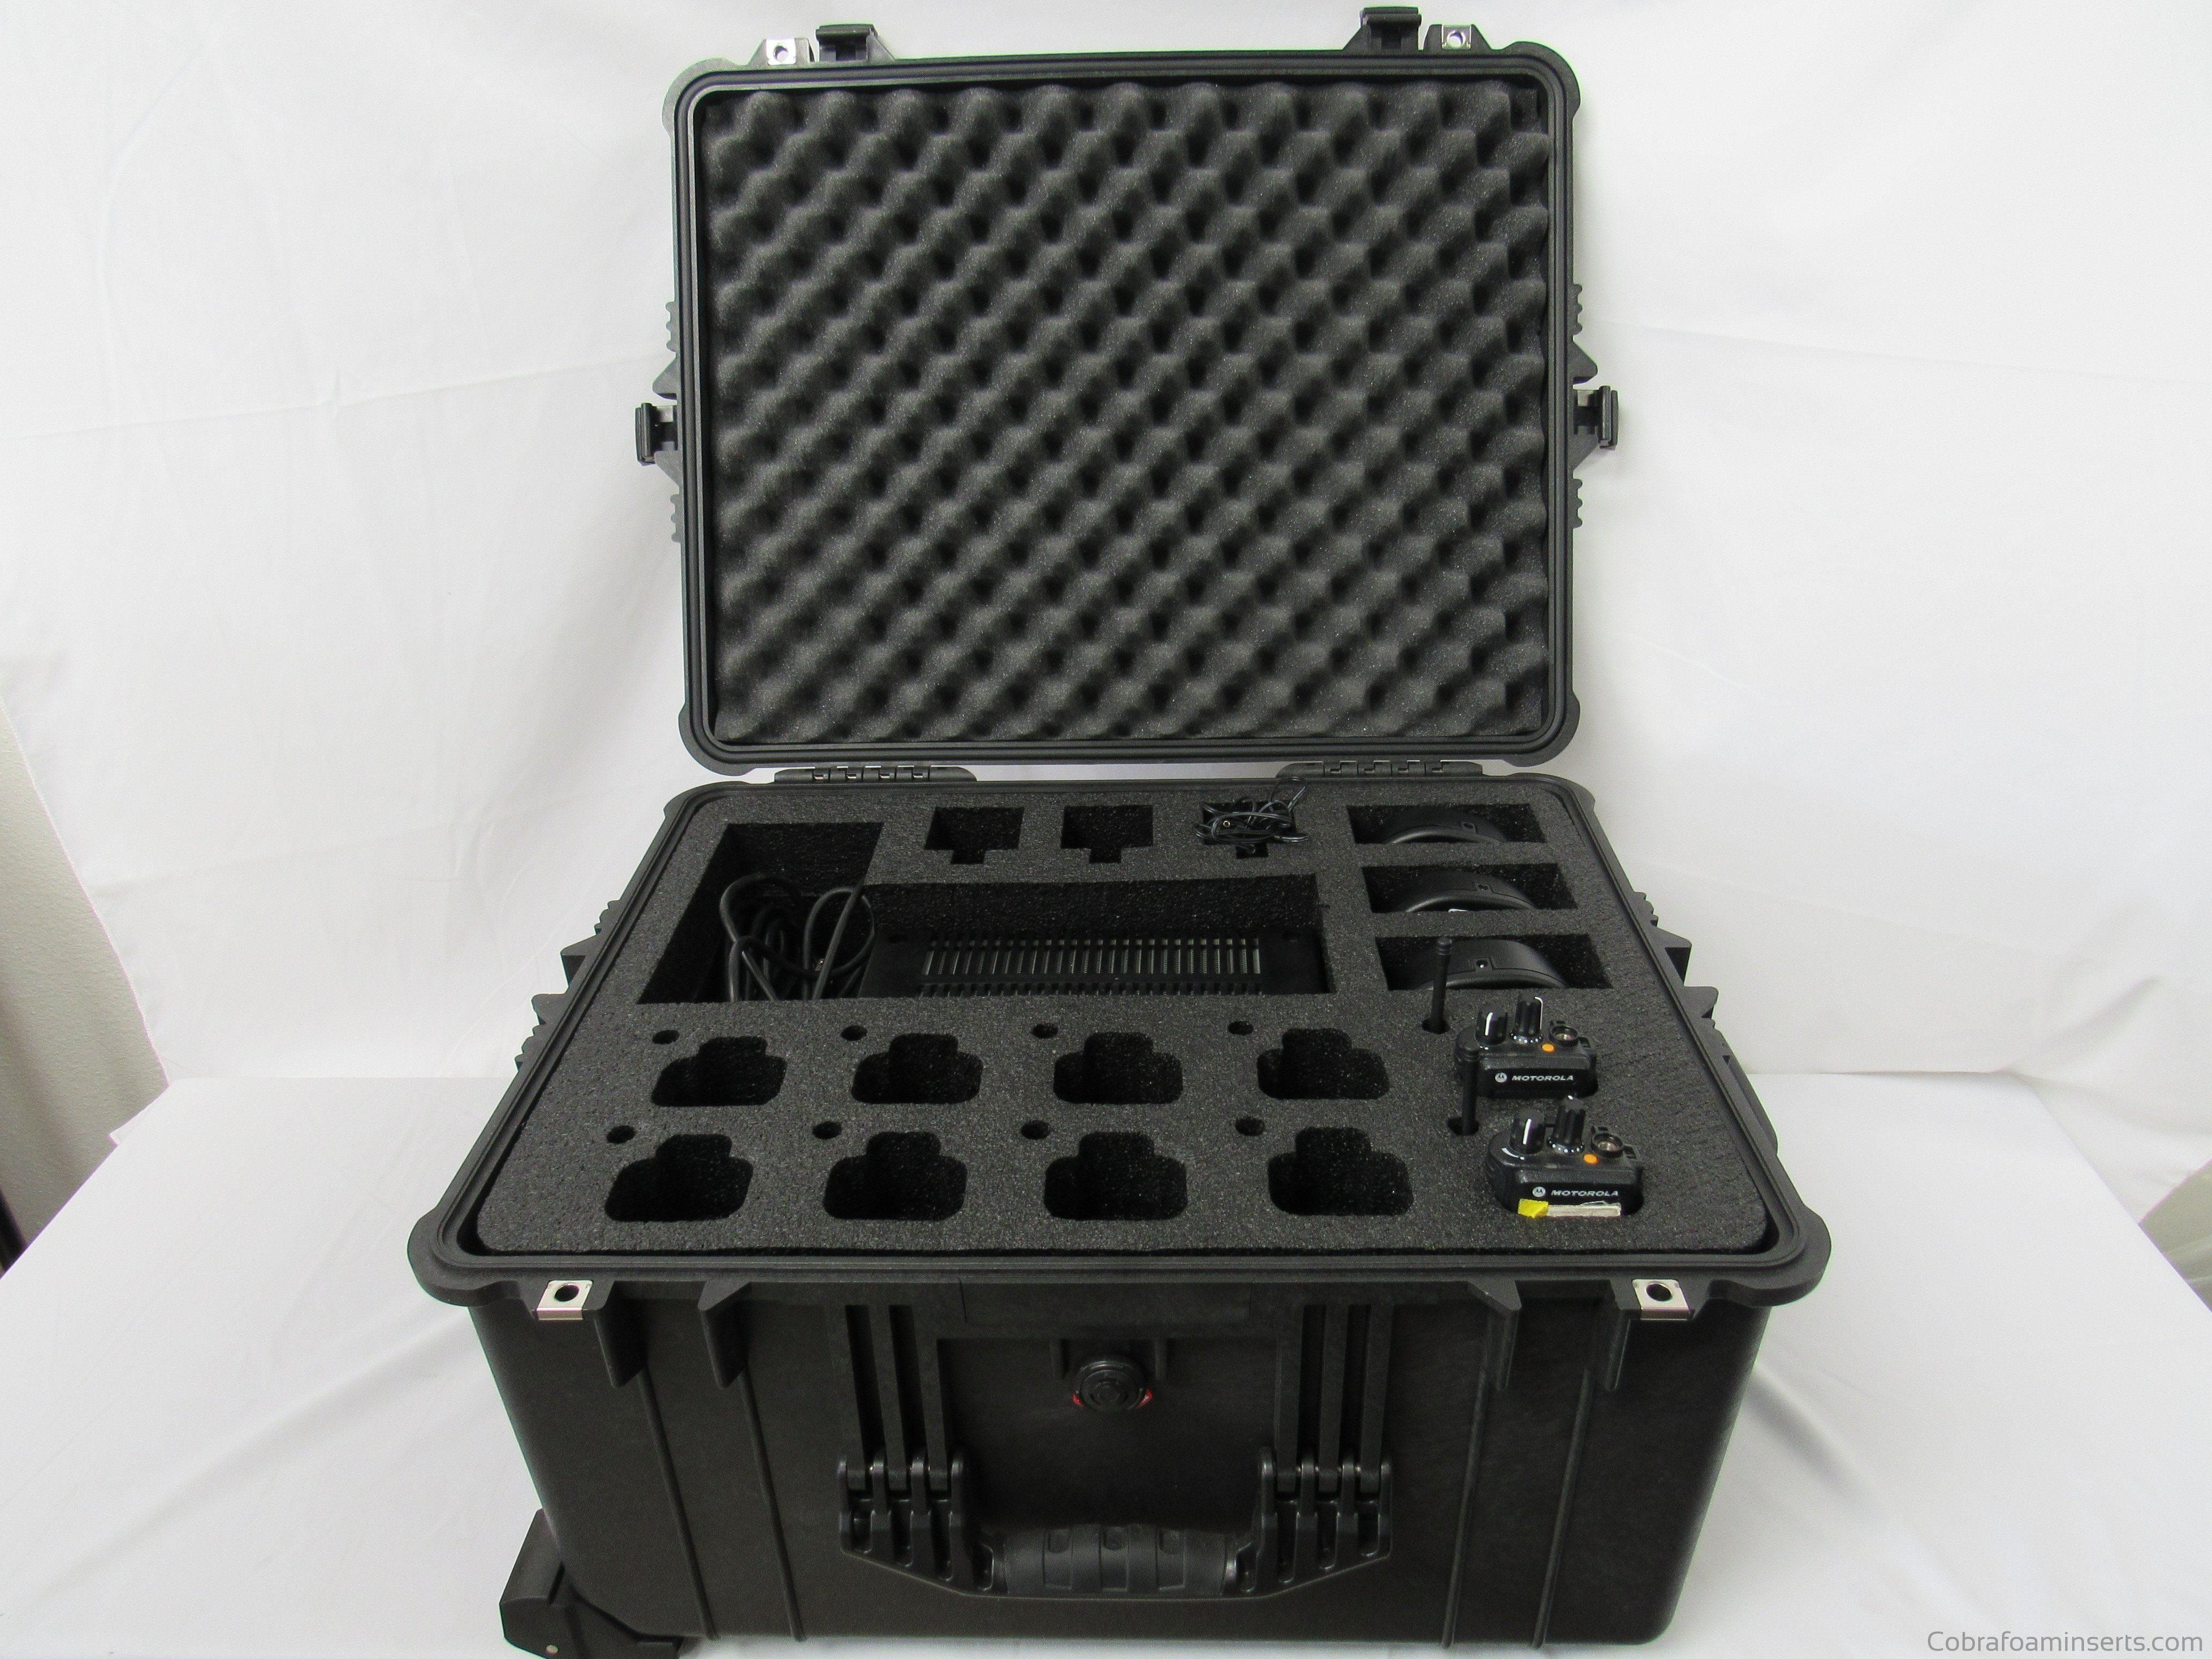 Pelican Case 1630 Foam Insert for Motorola XTS 5000 Walkie